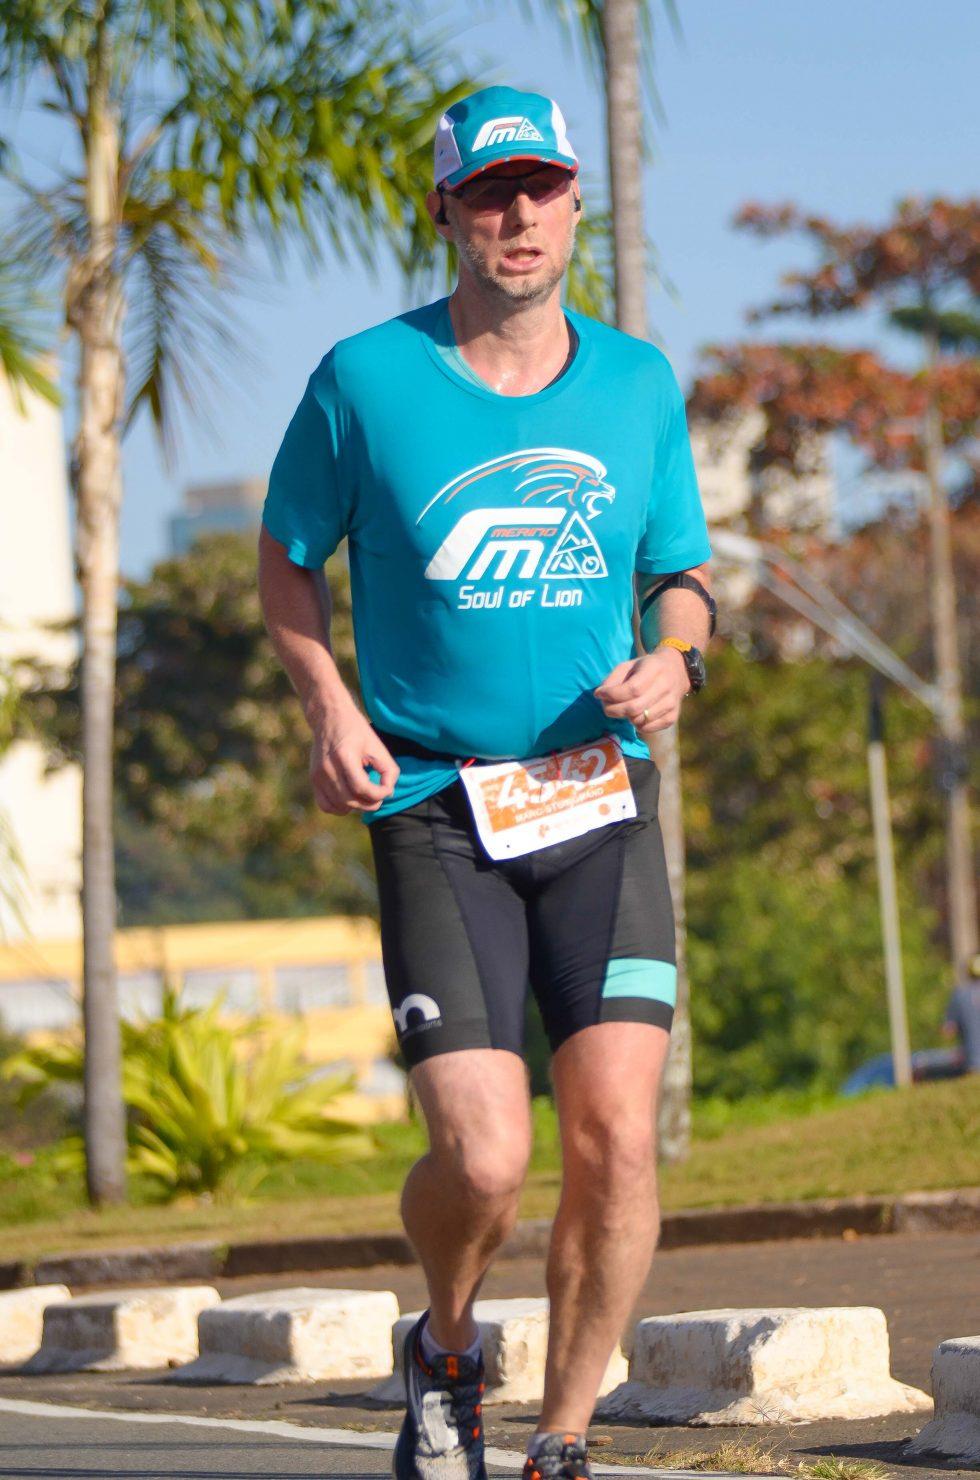 maratona de campinas correndo sporttechtips